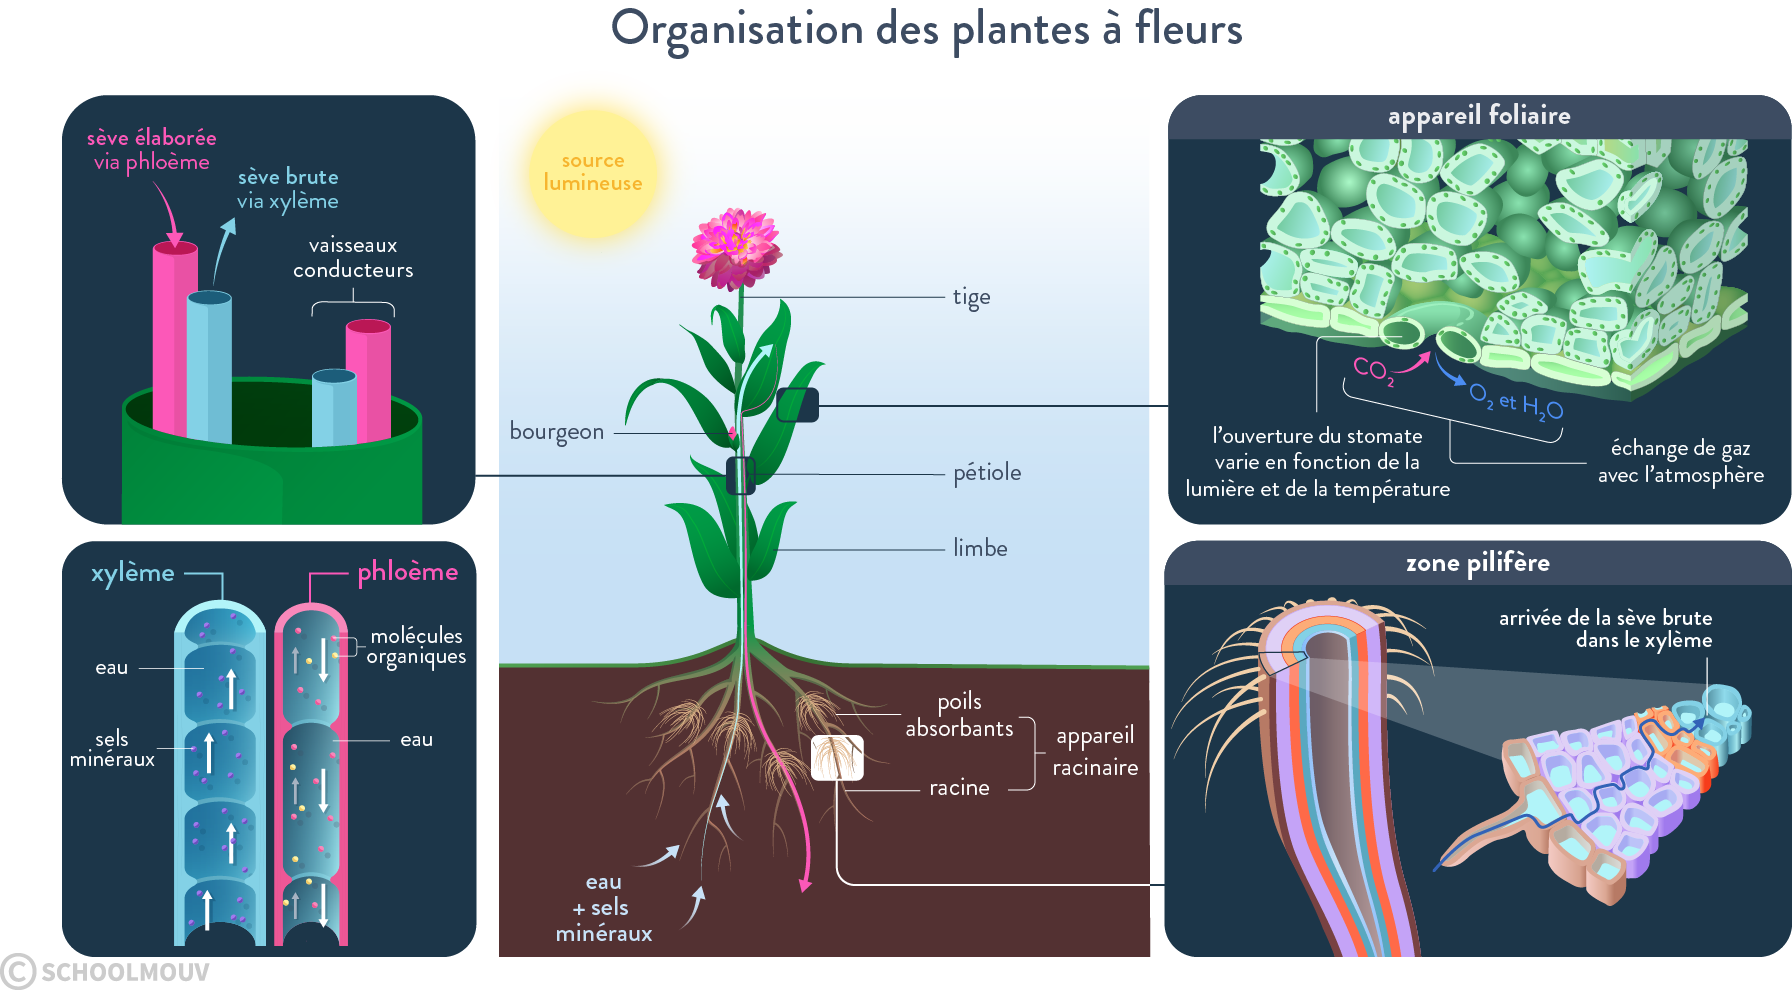 organisation des plantes à fleurs